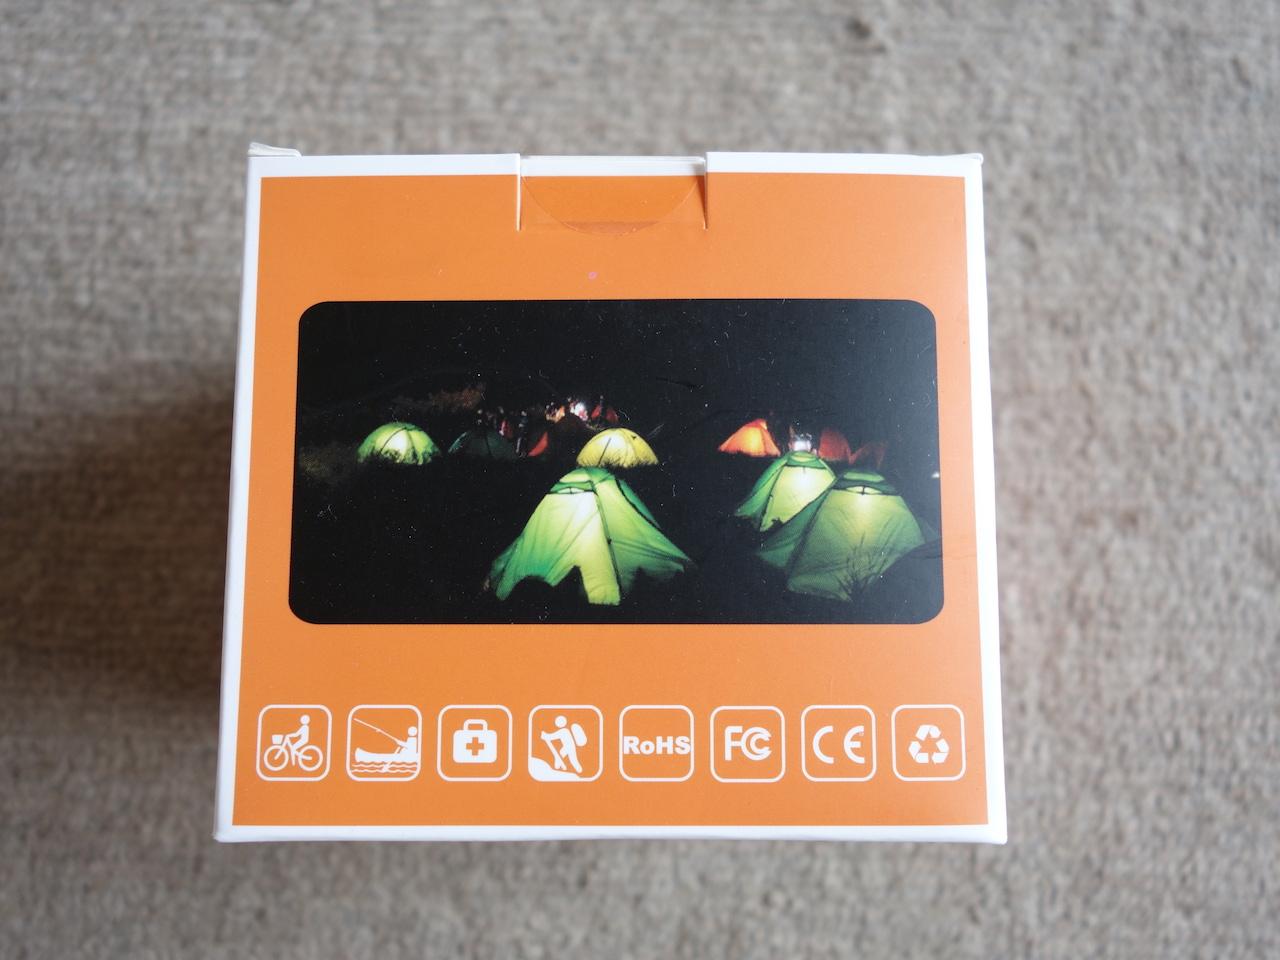 モバイルバッテリーにもなって車内・テントでも使いやすいLEDランタン買った